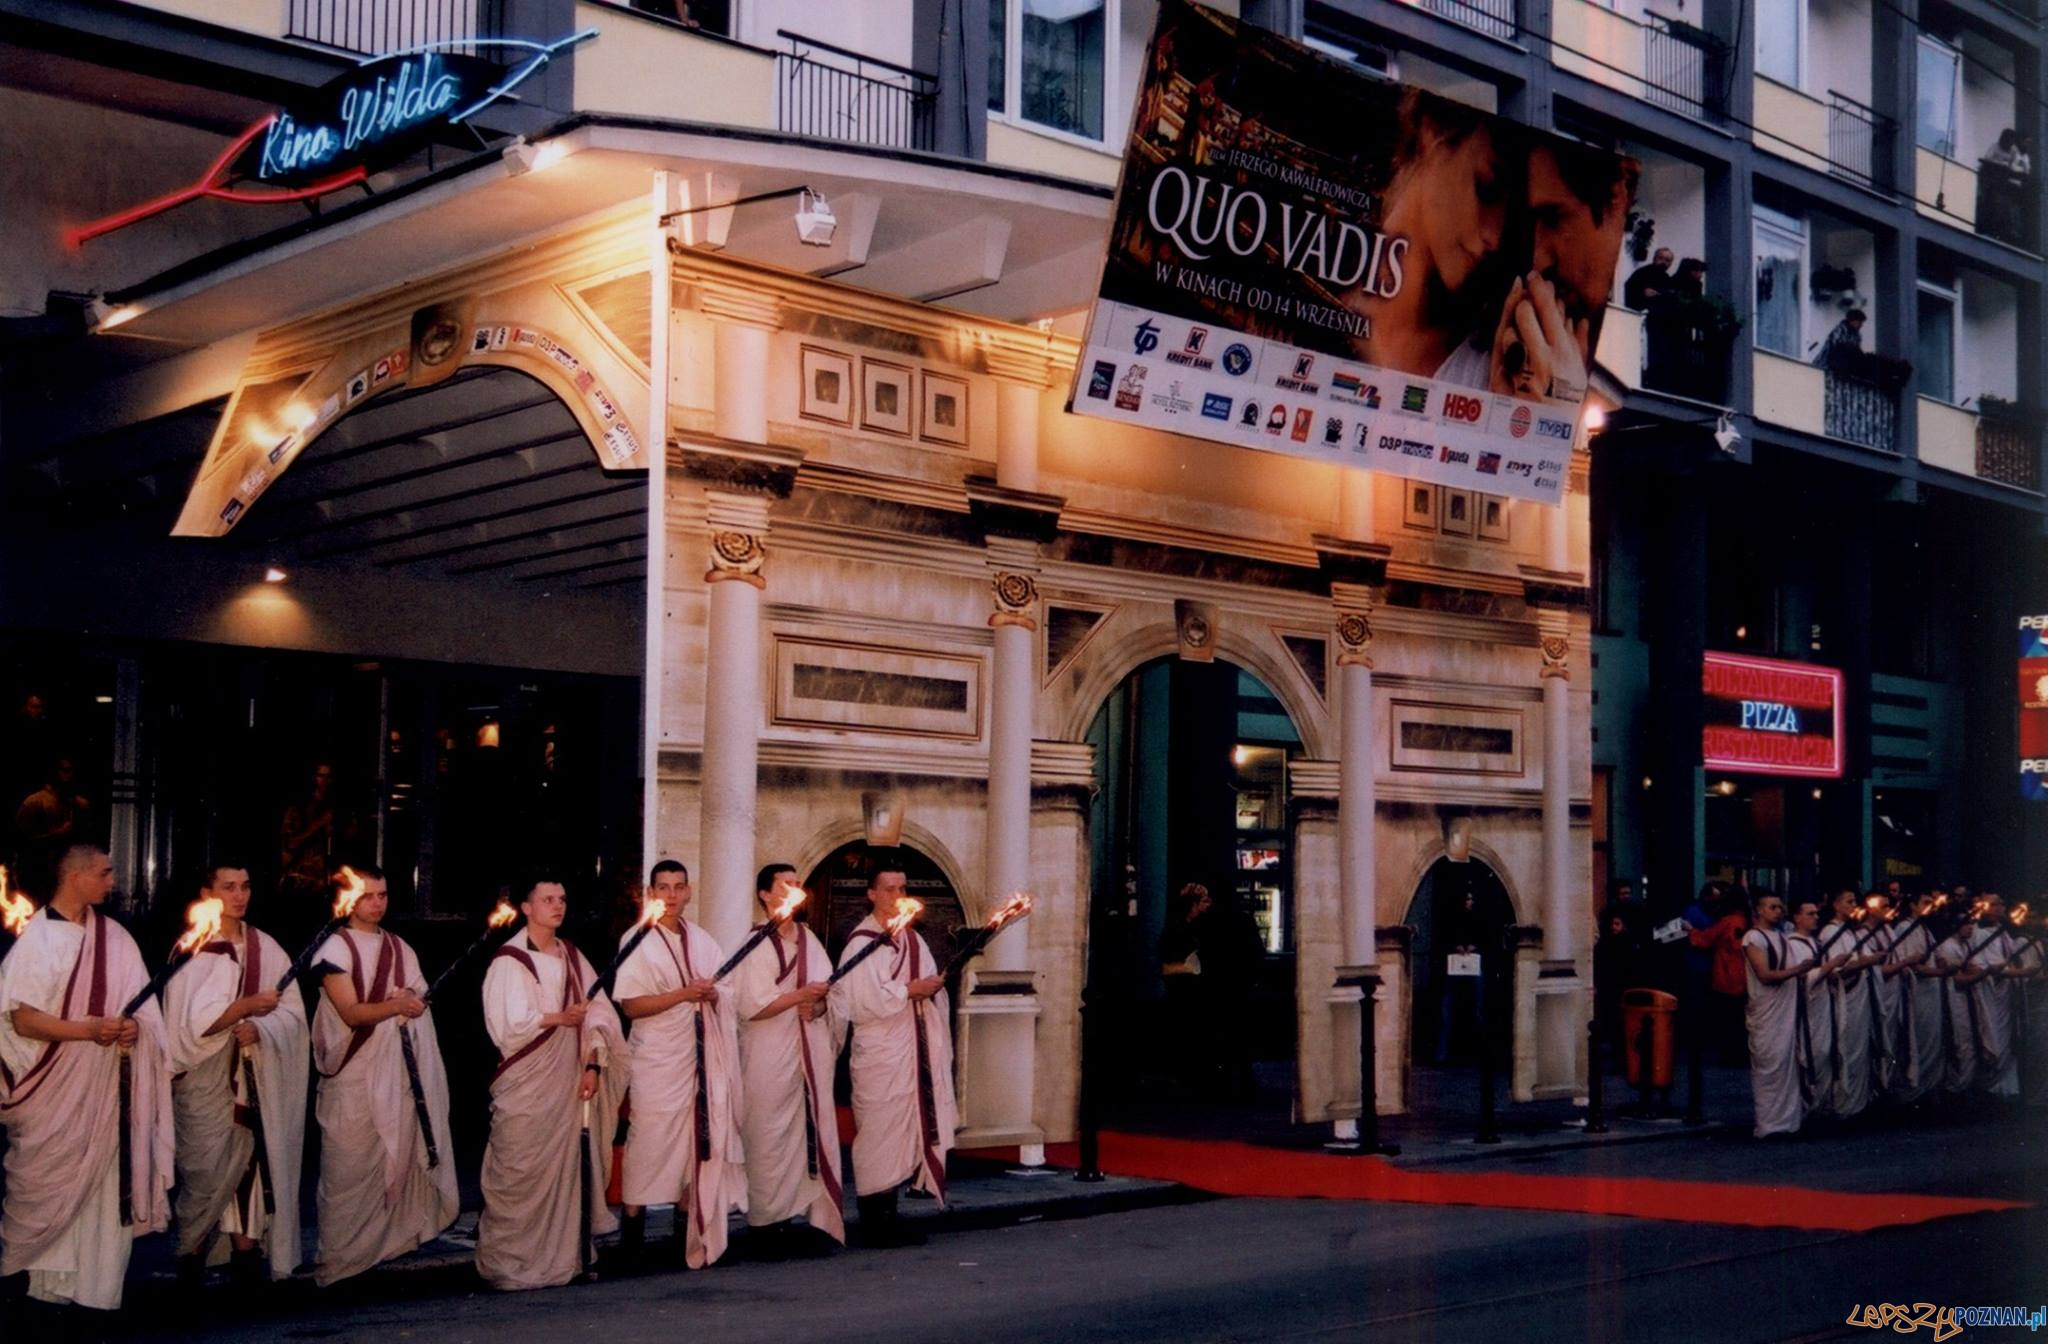 Premiera Quo Vadis w Kinie Wilda w 2001 roku